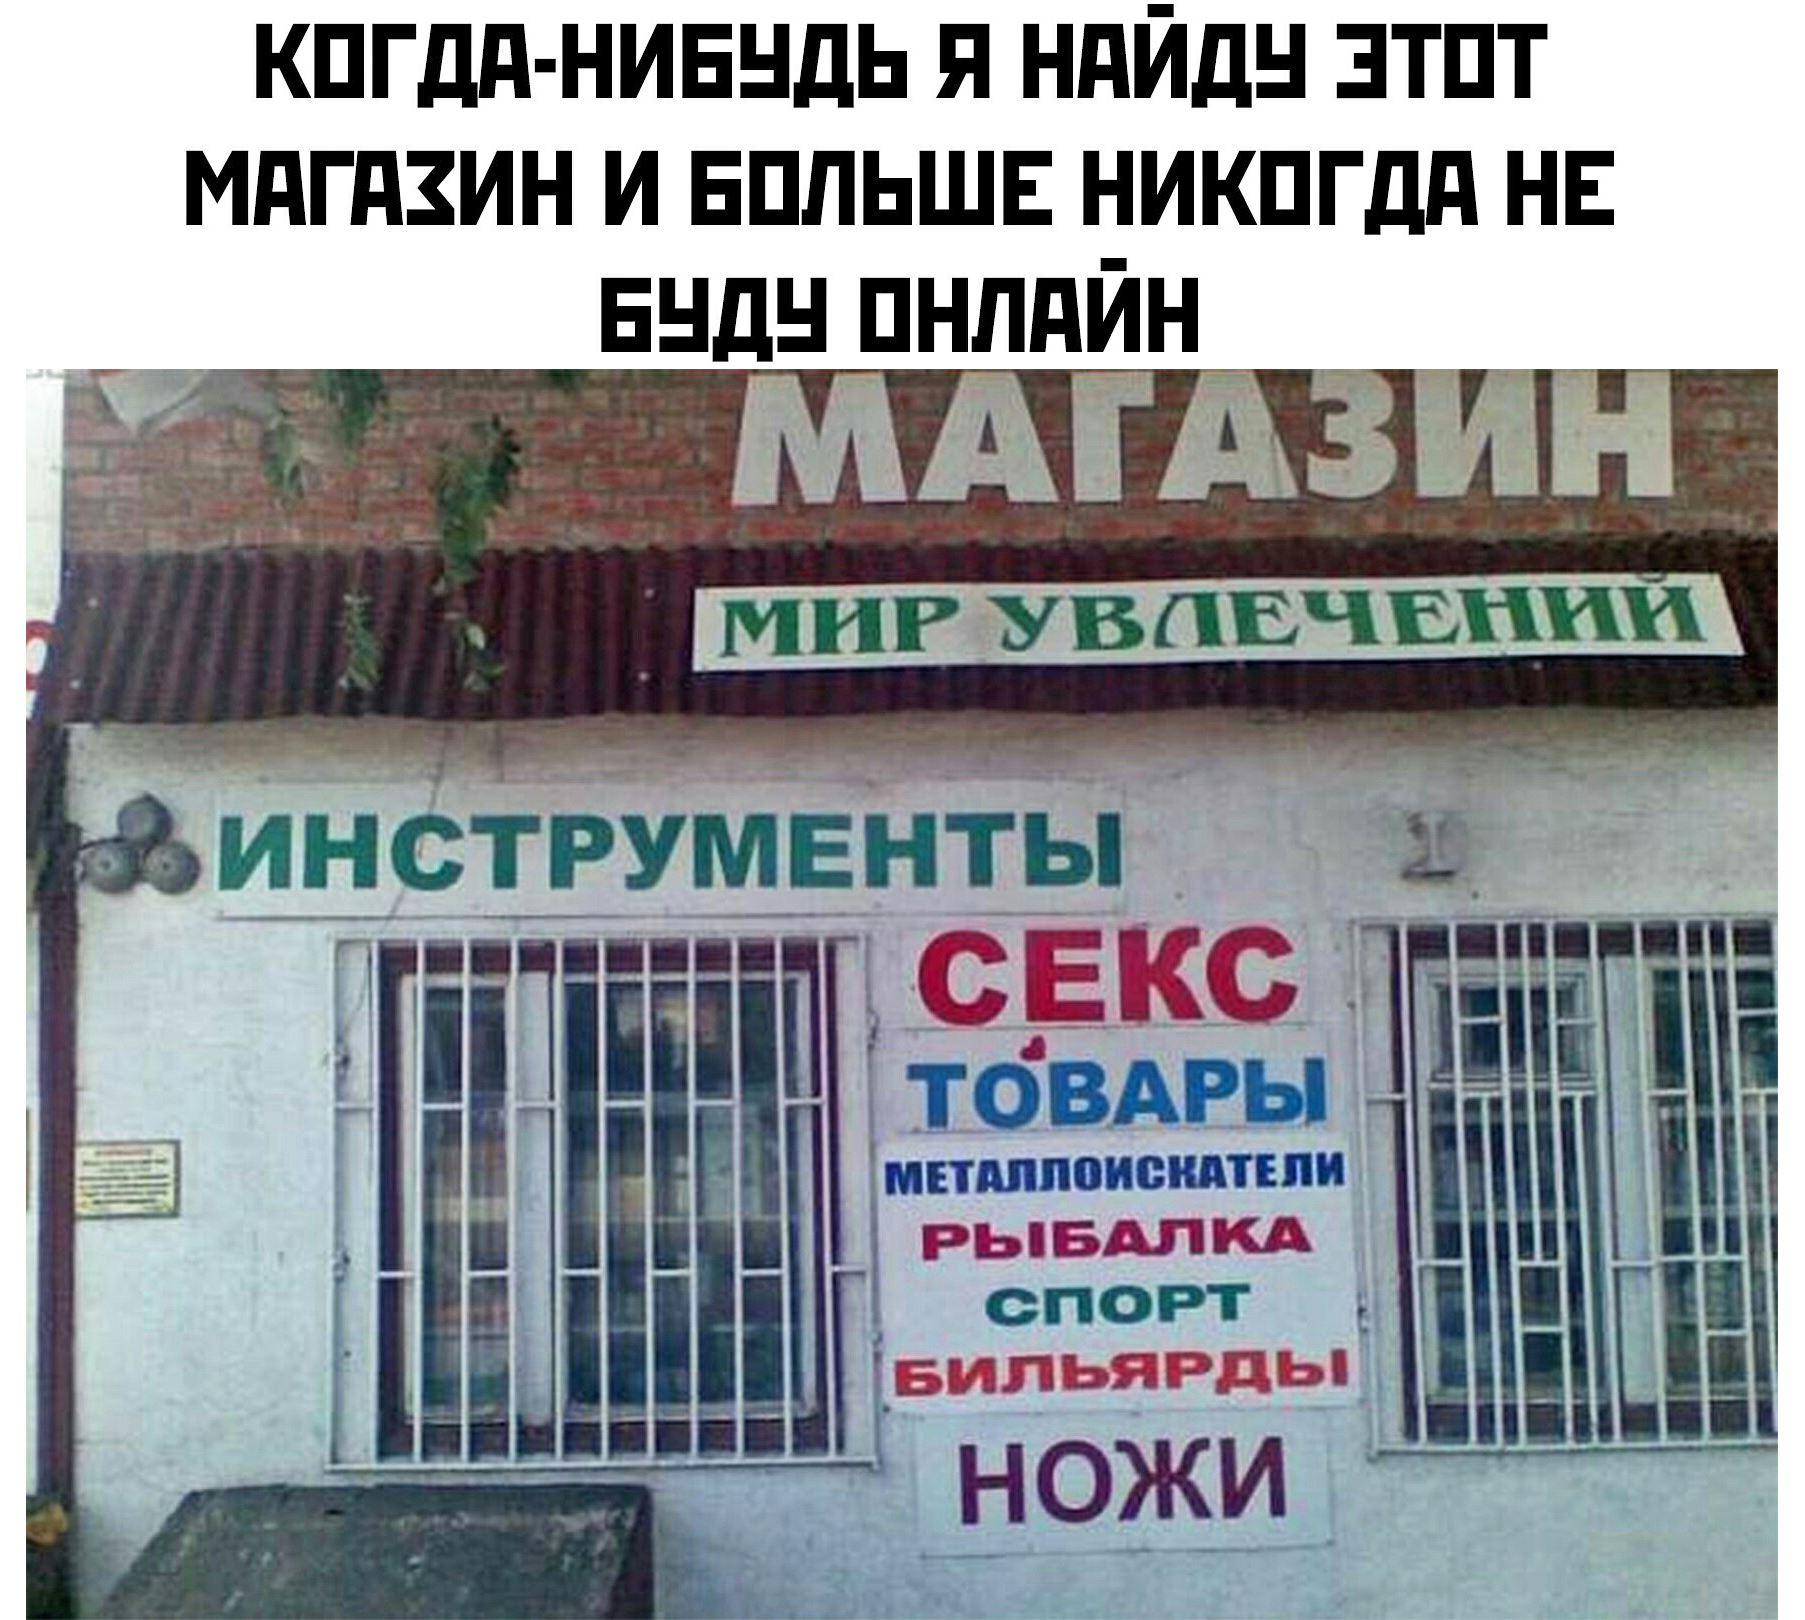 EQk-knIvOLU.jpg.8c209ee1db49ede9d0f5c519